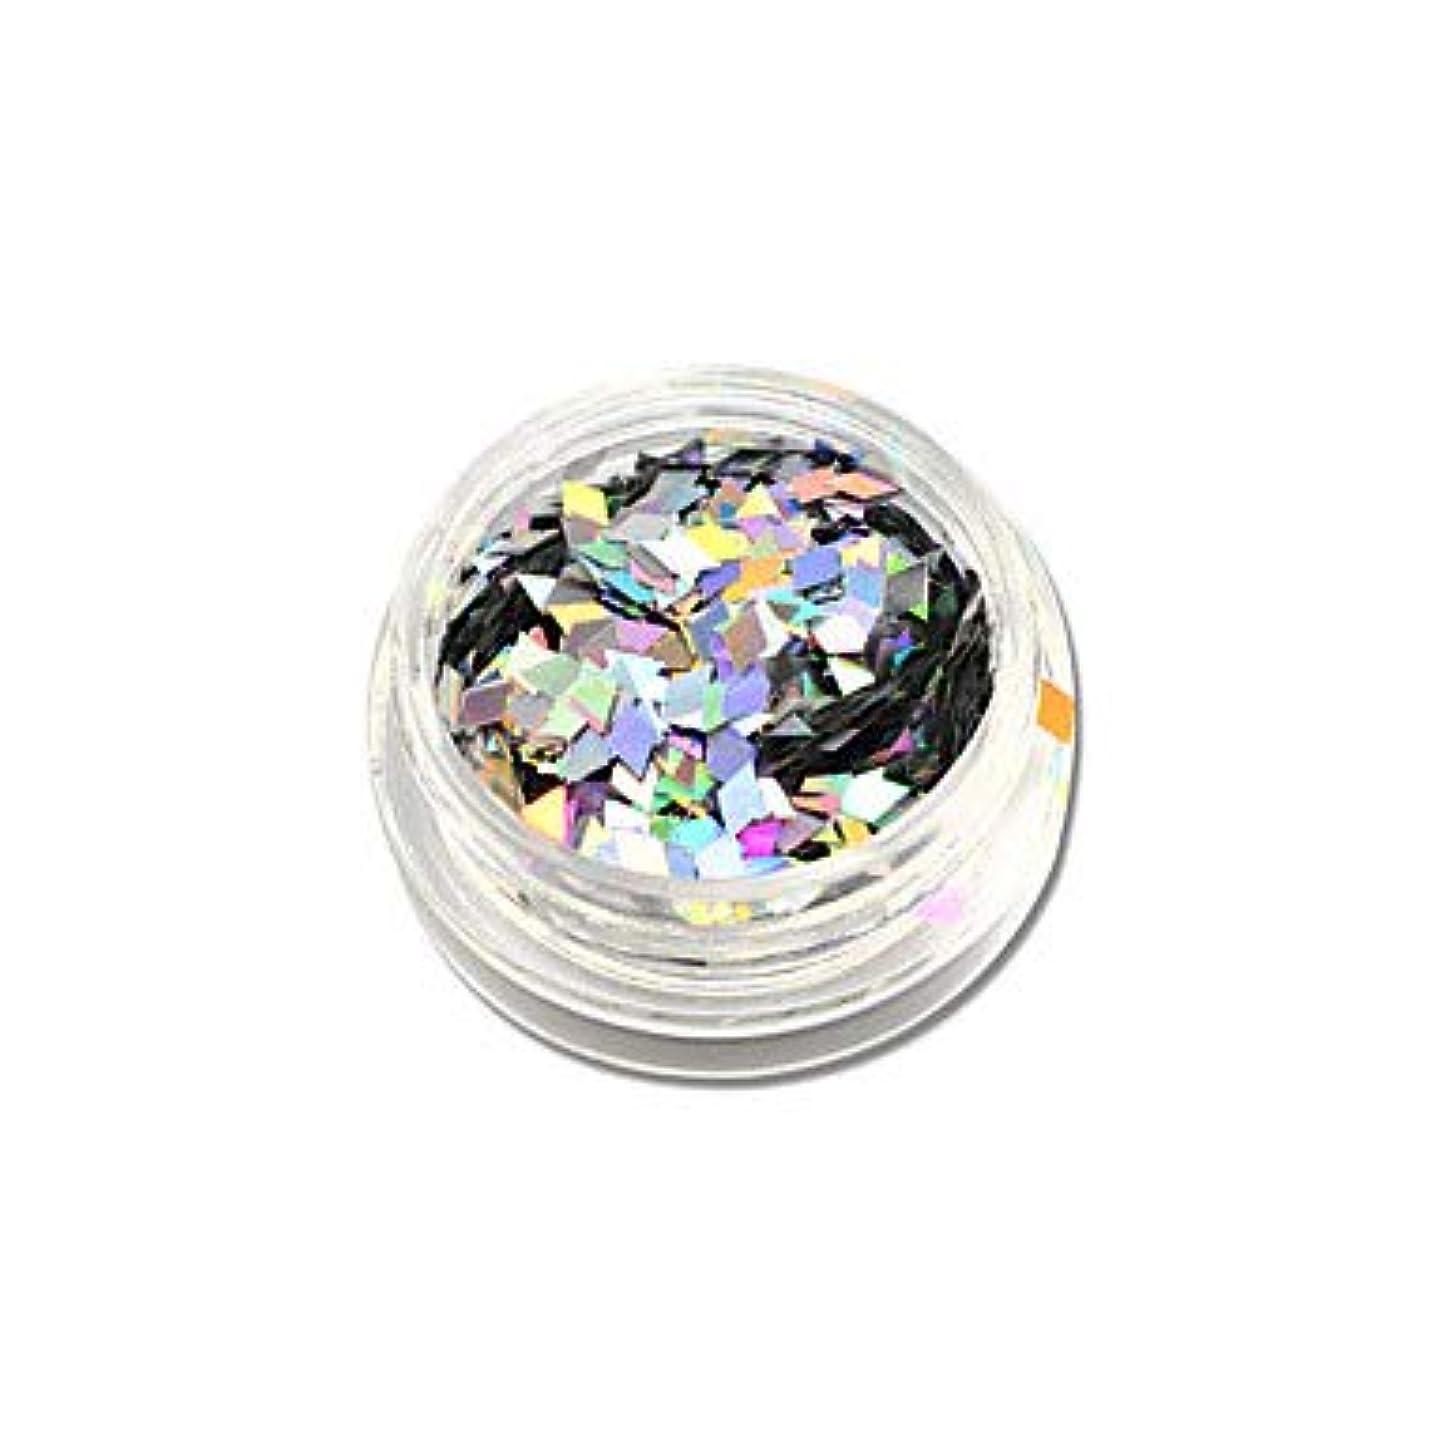 促進するマネージャーマークダウン流行の設計釘の芸術のマニキュアのための人工的な釘の先端のきらめきの粉